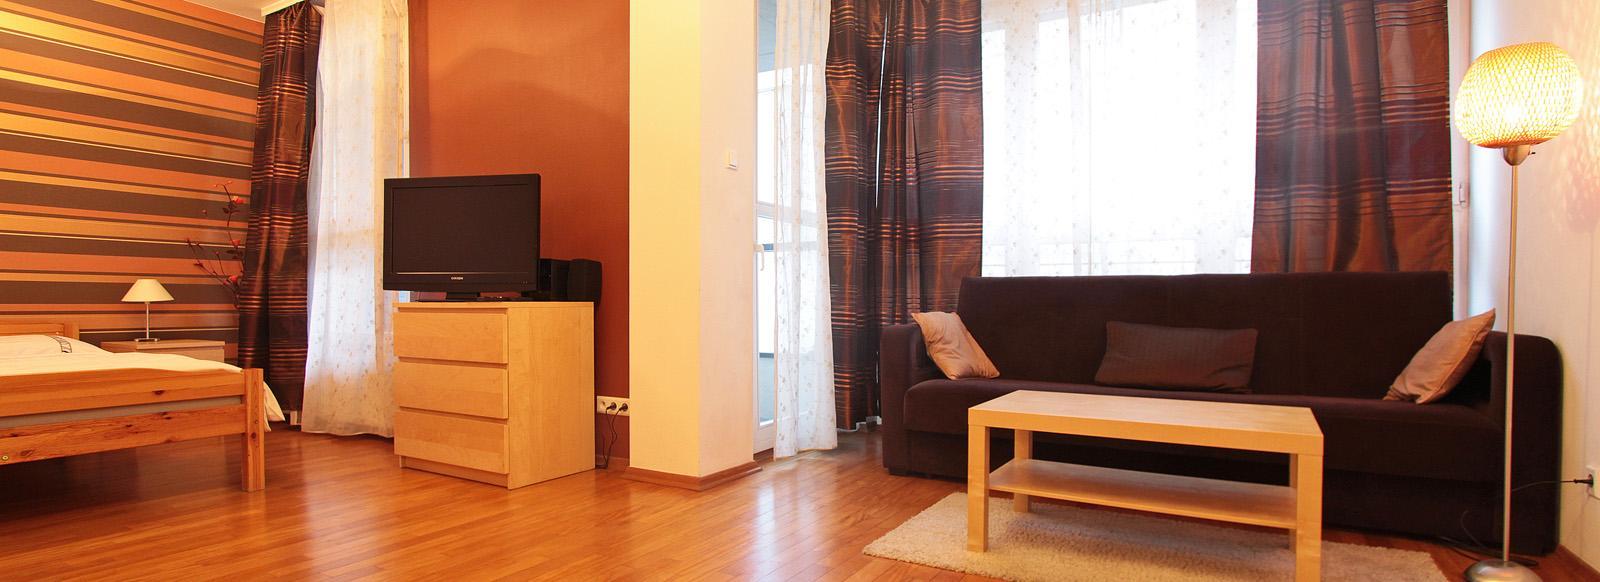 Apartament Do Wynajęcia Przy Ulicy Polnej 32